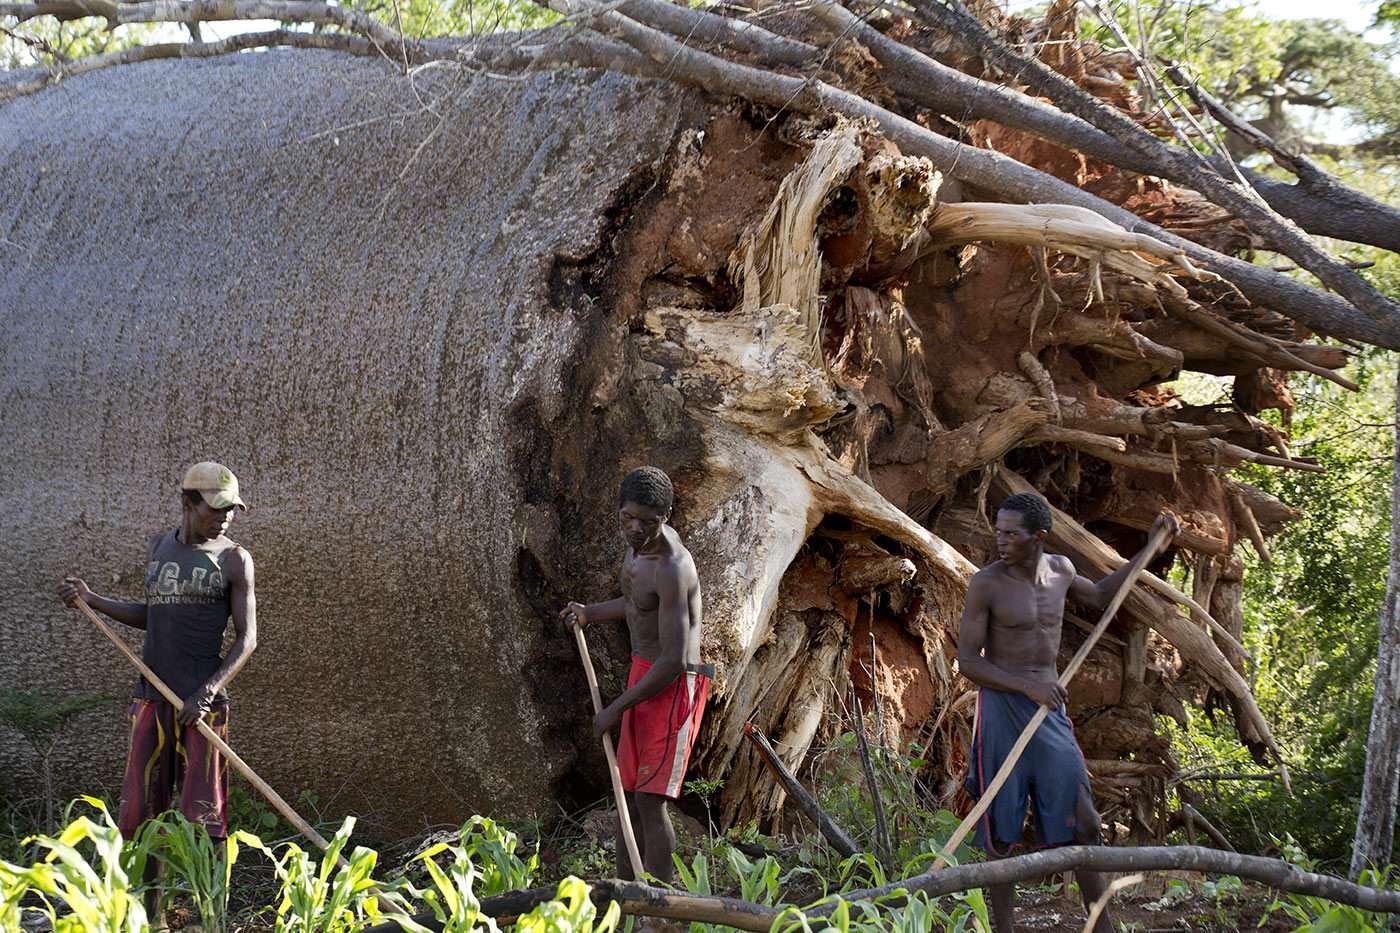 Reportage Pascal Maitre Madagascar, les baobabs menacés d'extinction, soutien photgraphe Pascal Maitre